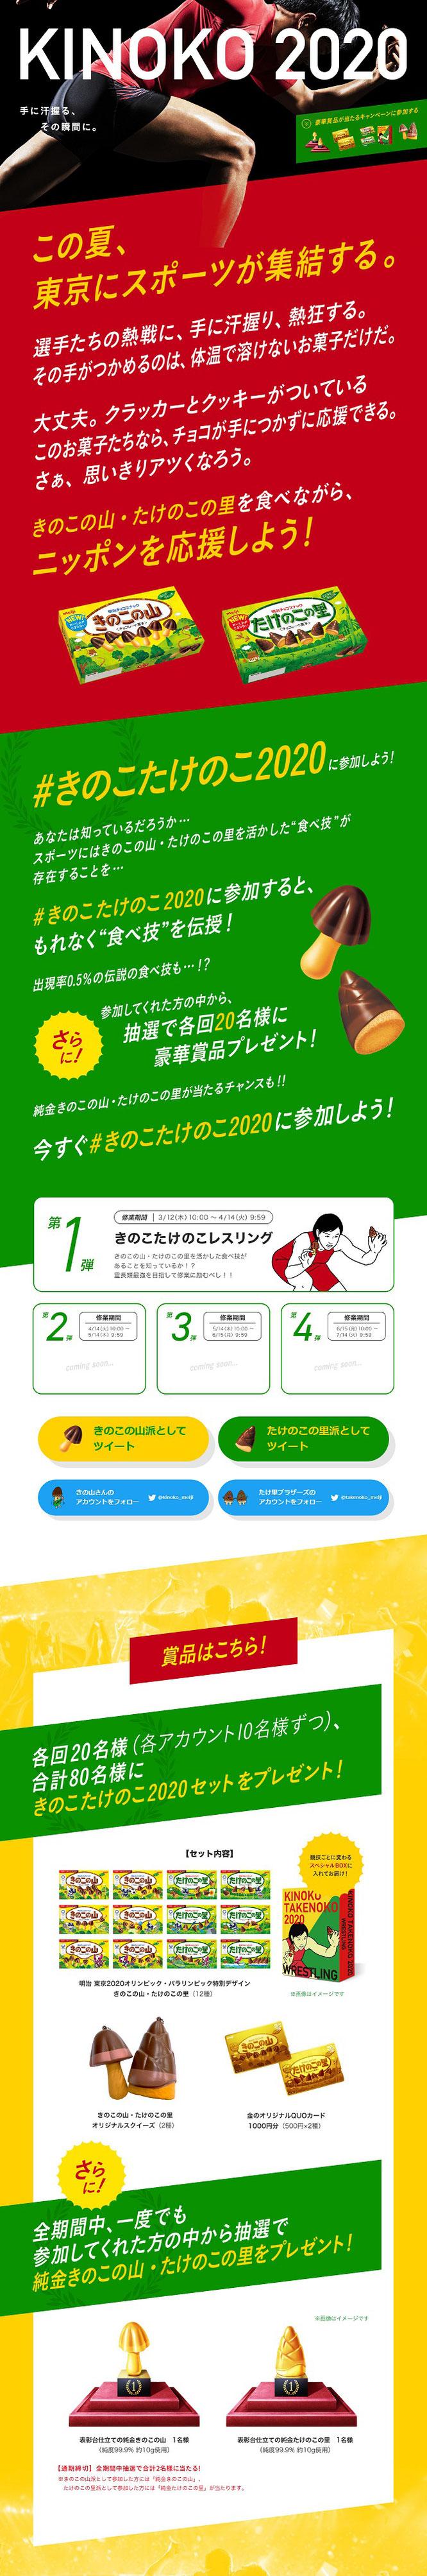 【明治】きのこたけのこ2020キャンペーン